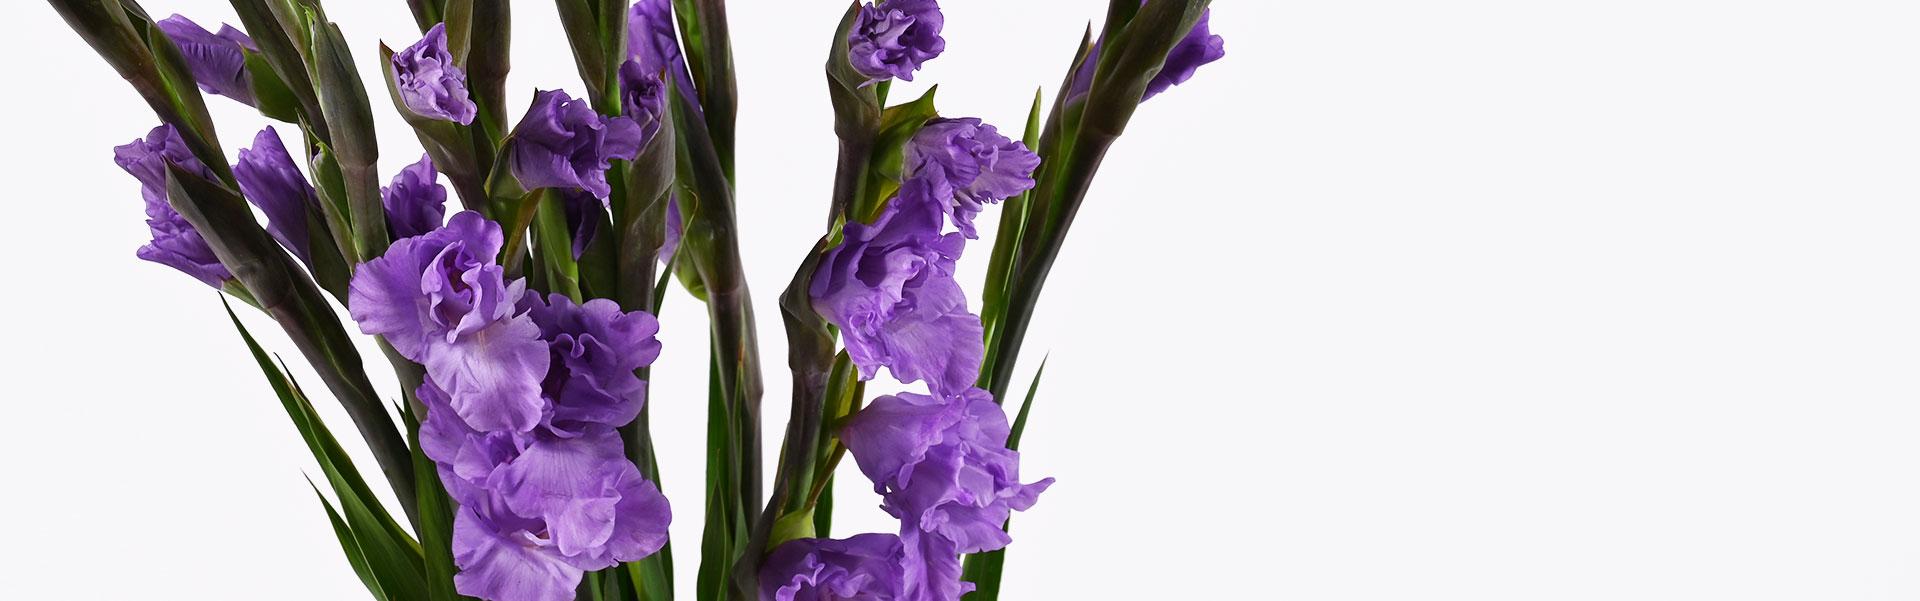 Gėles pristatysime visoje Lietuvoje. Užsisakykite➔